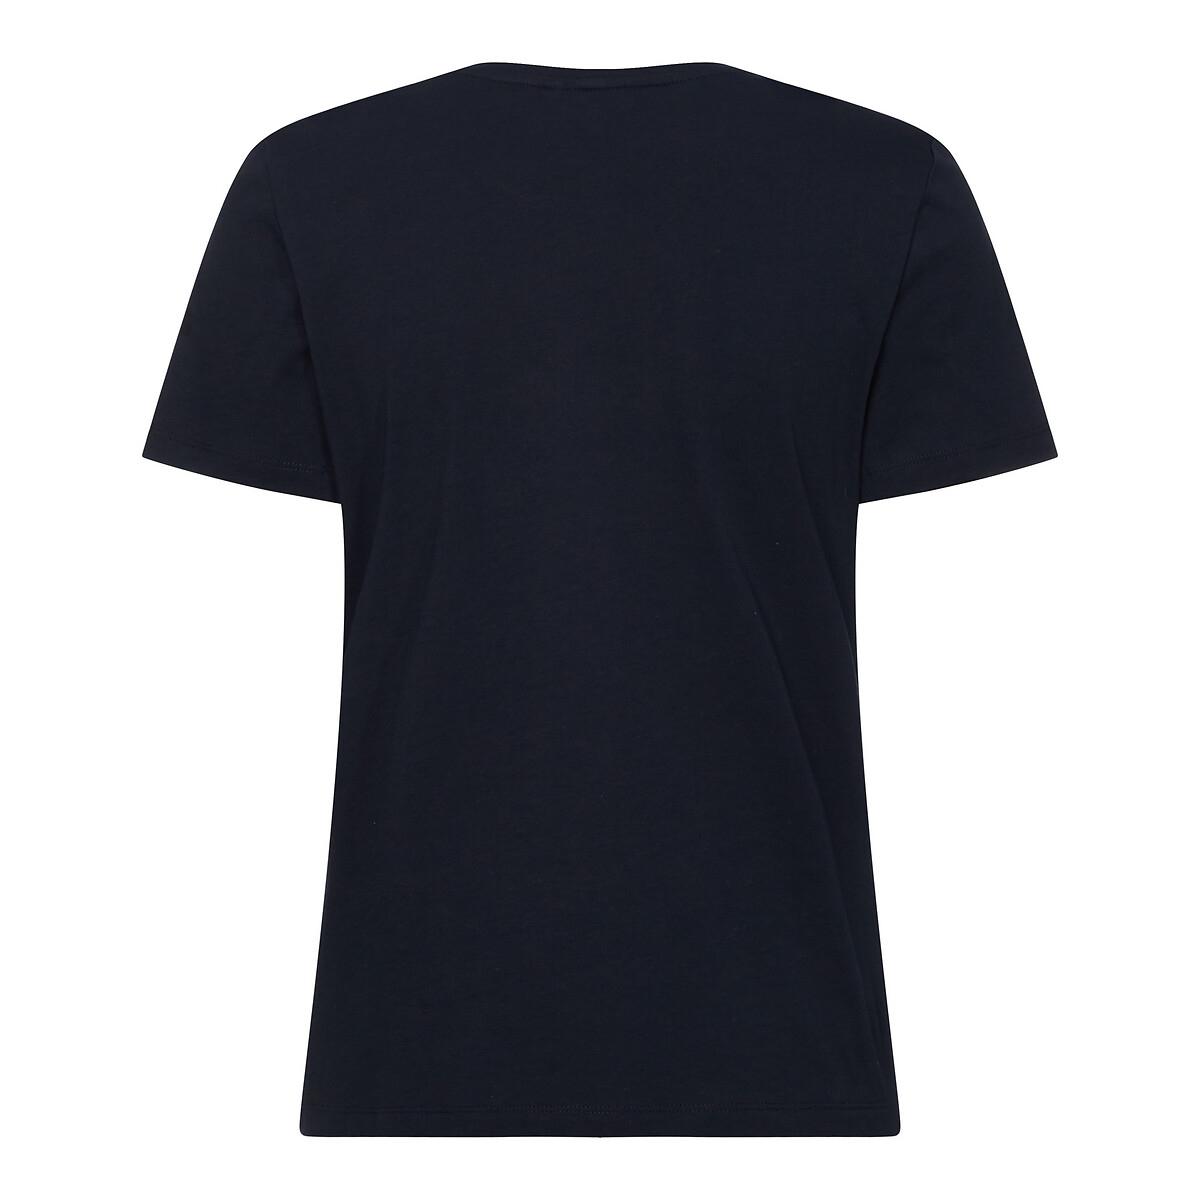 Tee shirt col rond manches courtes logo pailleté